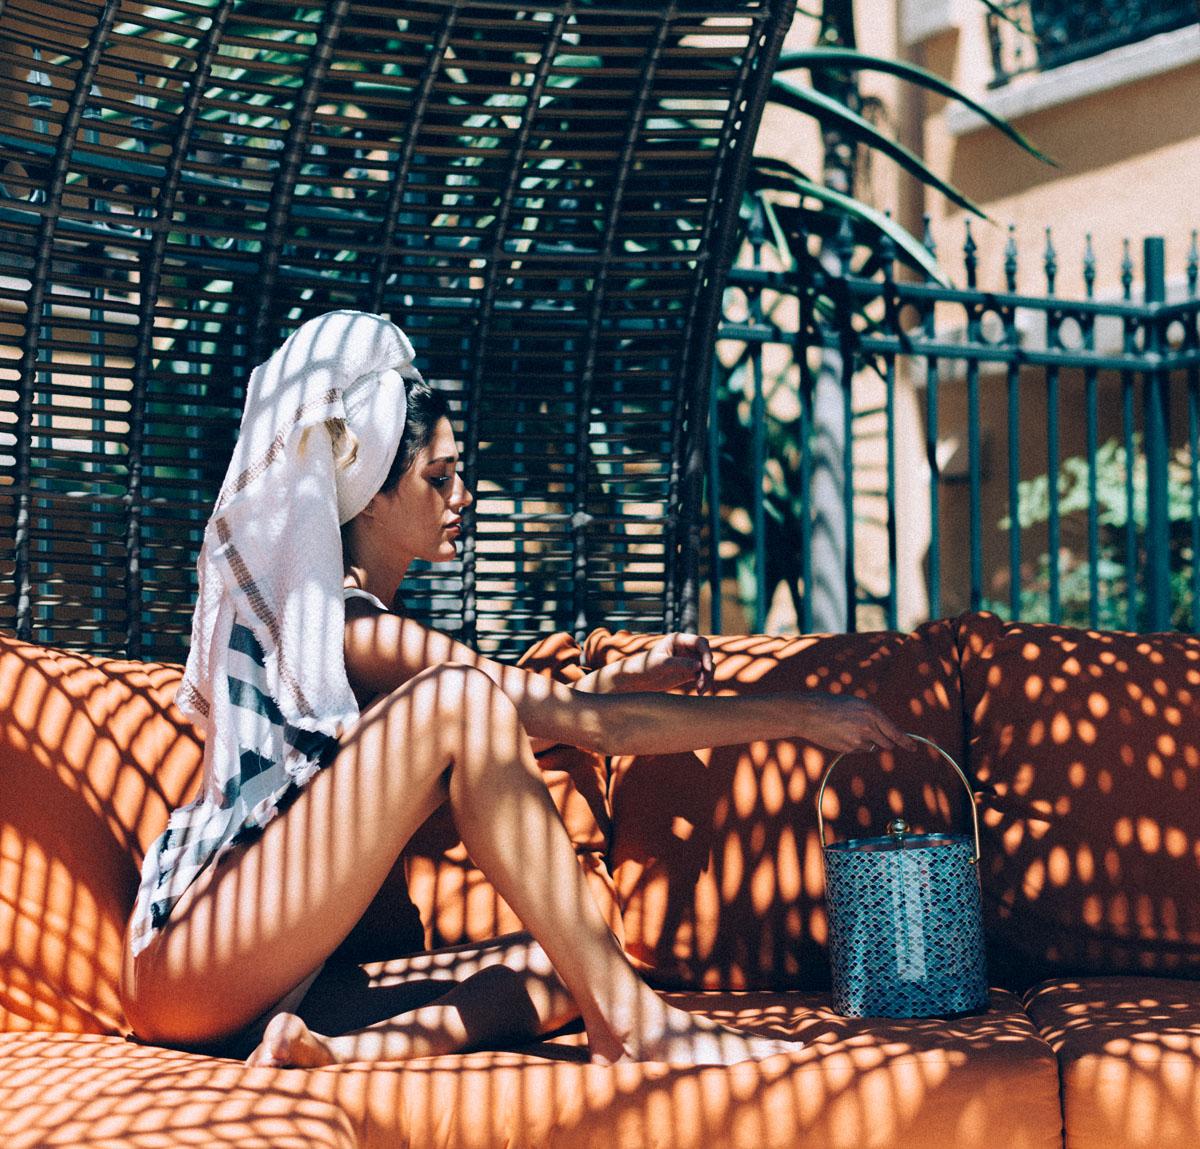 Hanna Montazami by Ardy Ala for C-Heads